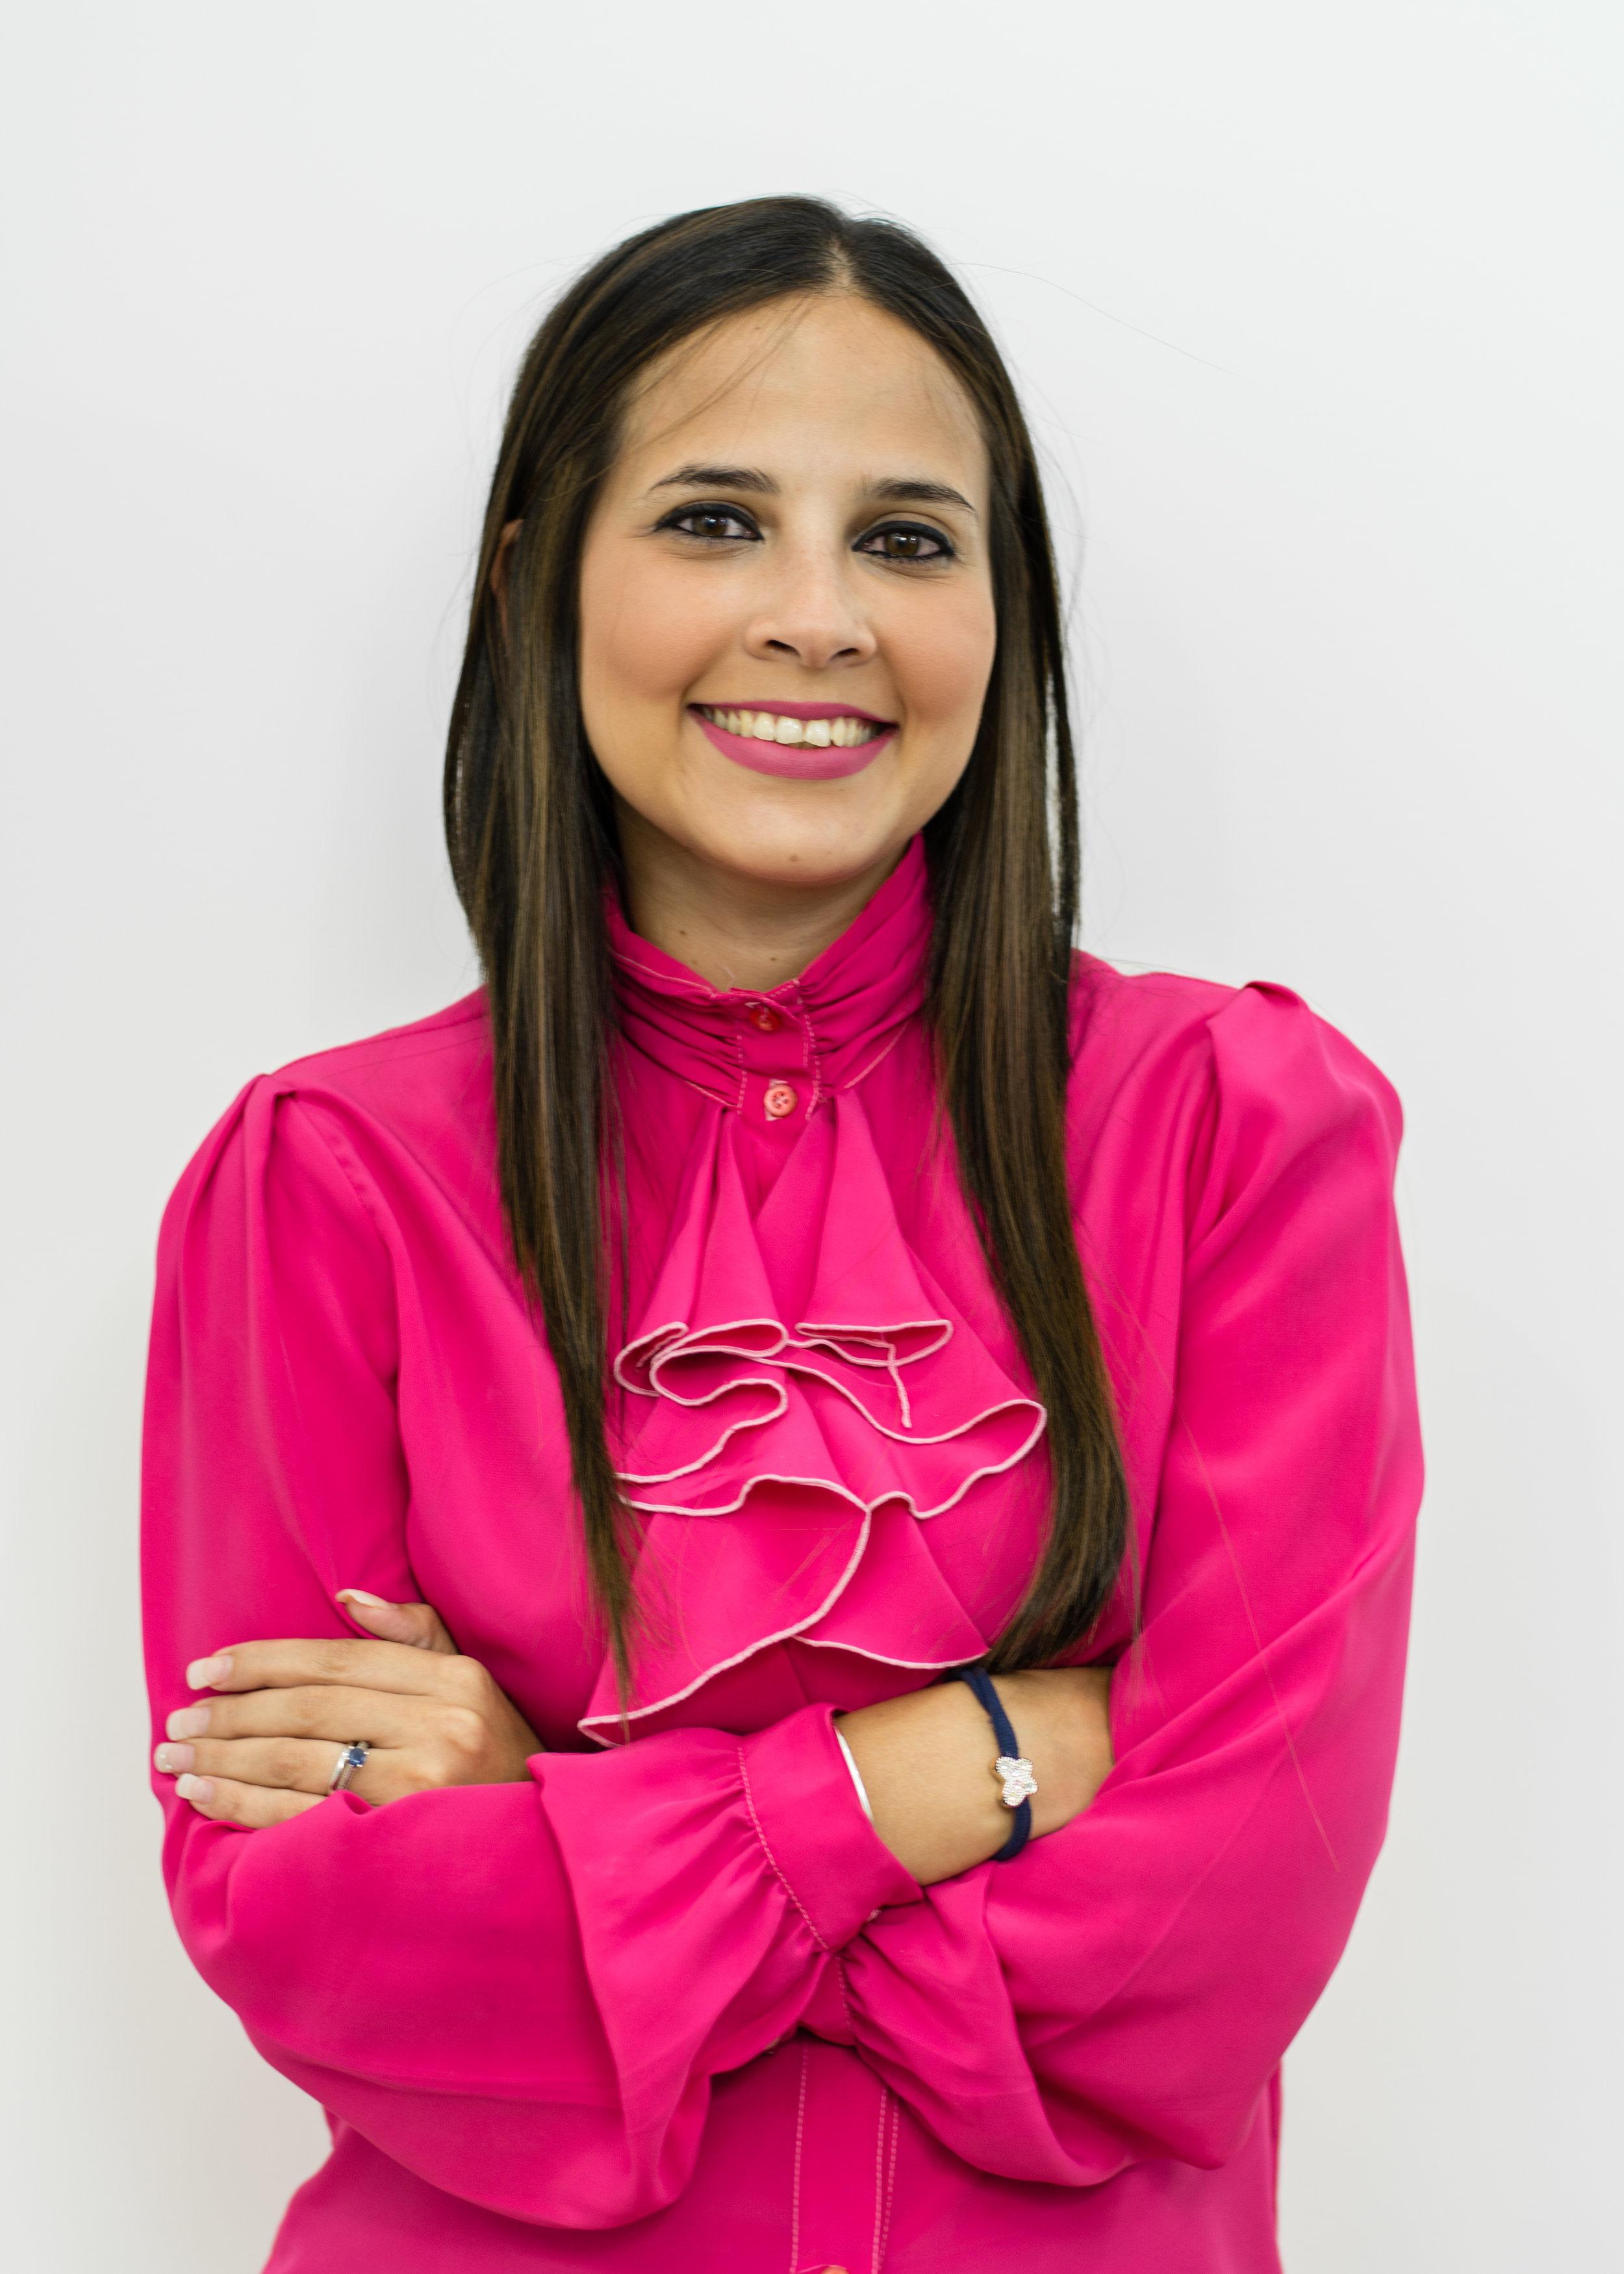 Claudia Galán - Directora de la Unidad EconómicaLicenciada en Economía, Universidad Rafael LandivarMaestría en Desarrollo, Universidad del Valle de GuatemalaPosgrado en Gerencia Organizaciones Empresariales del INCAE Business School